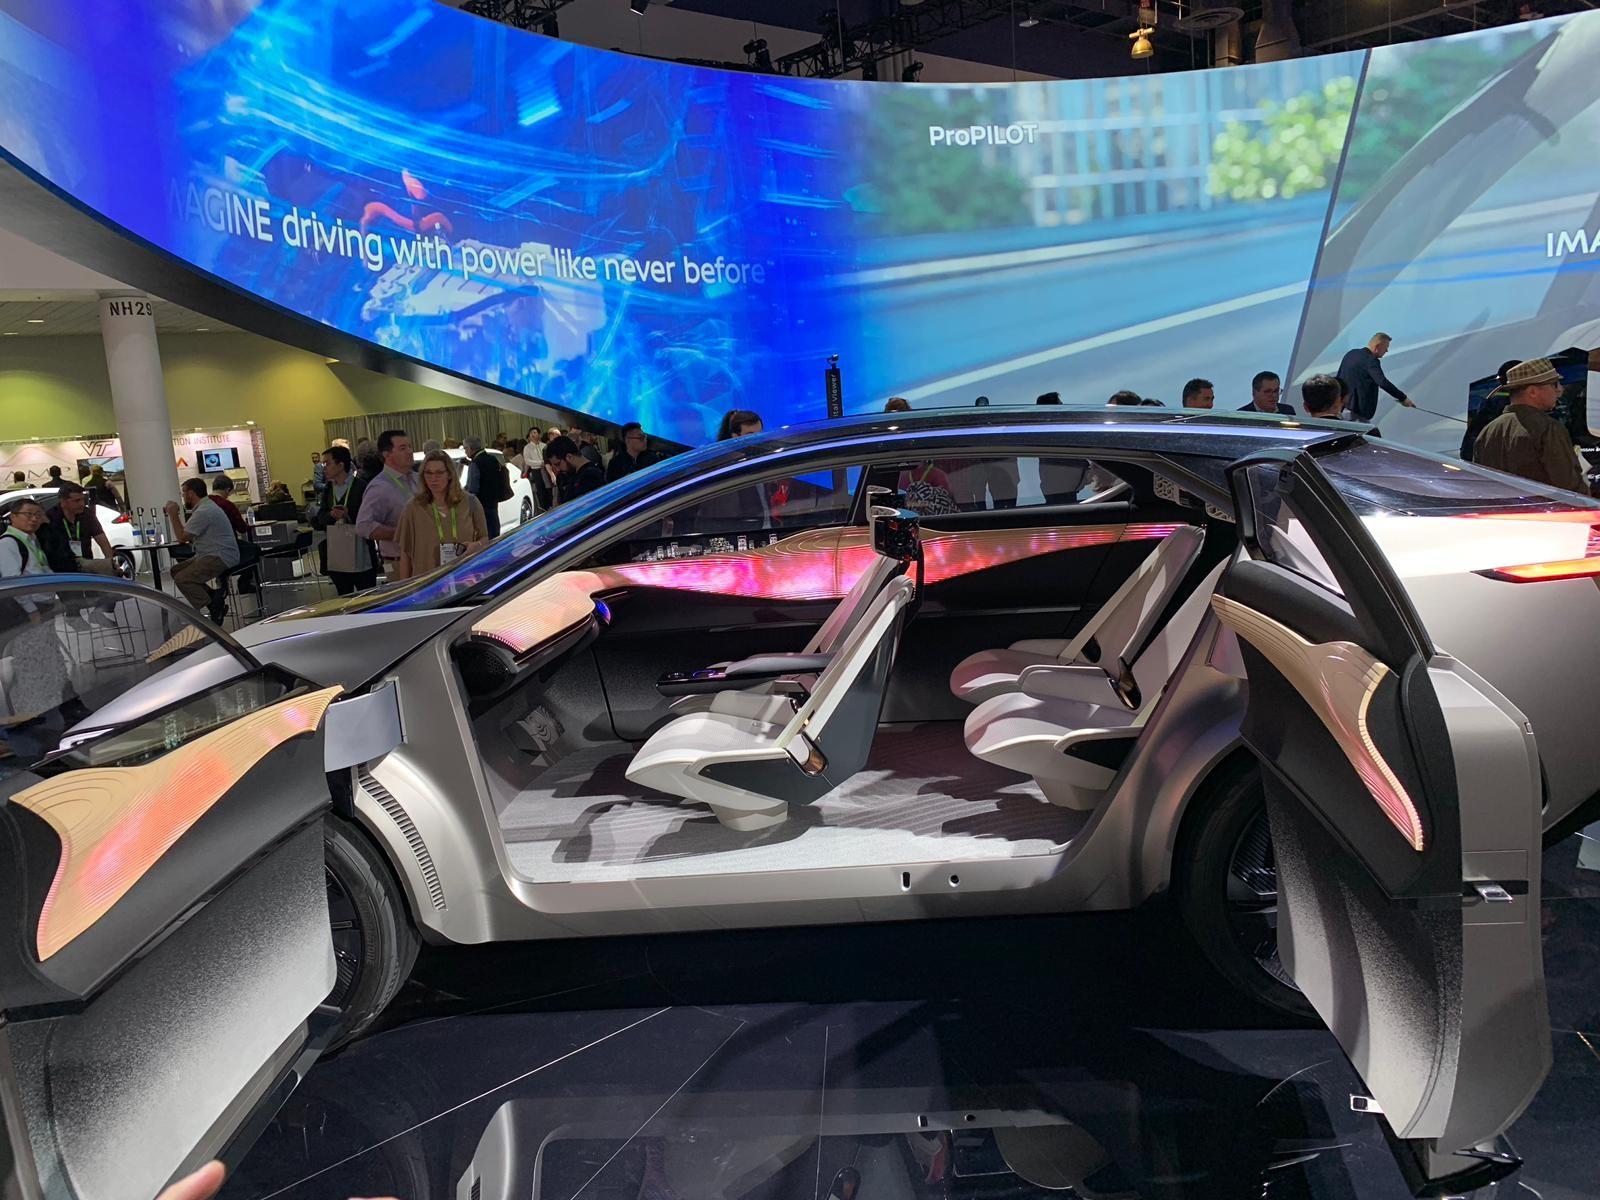 Carro autônomo da Nissan, exposto na CES 2019 (Foto: Natasha De Caiado Castro )